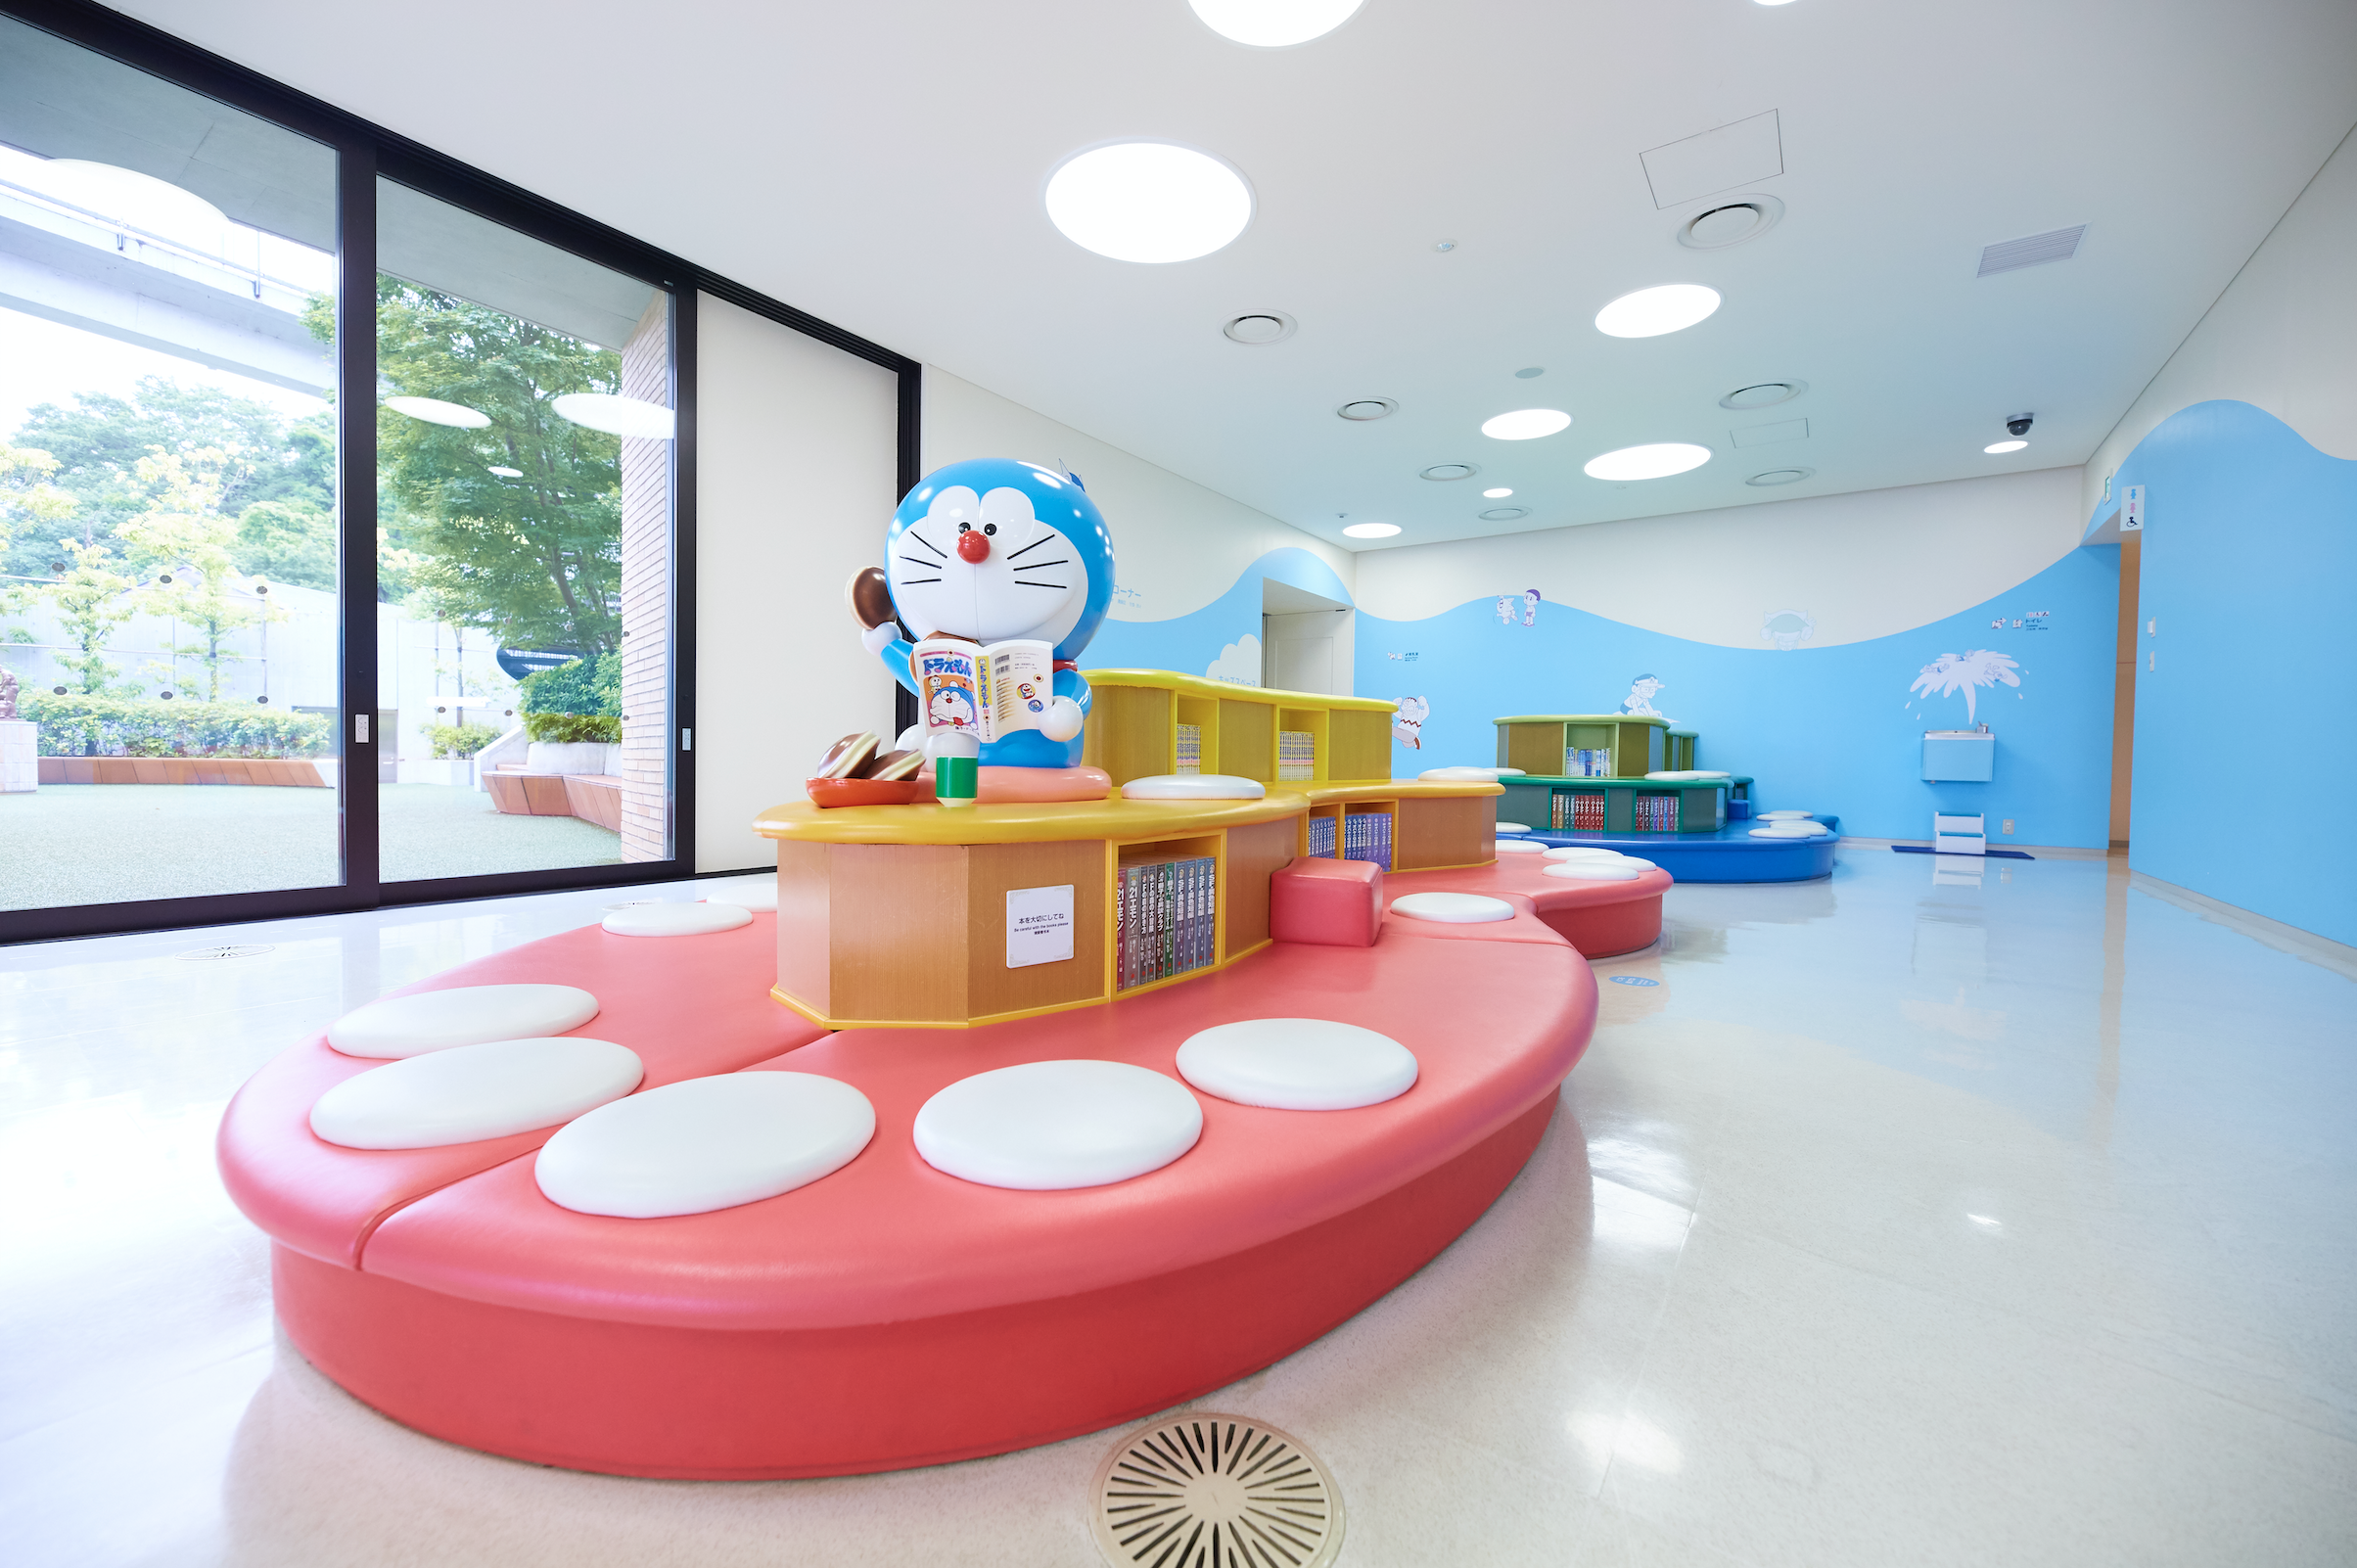 Discover Doraemon's world at Fujiko F. Fujio Museum